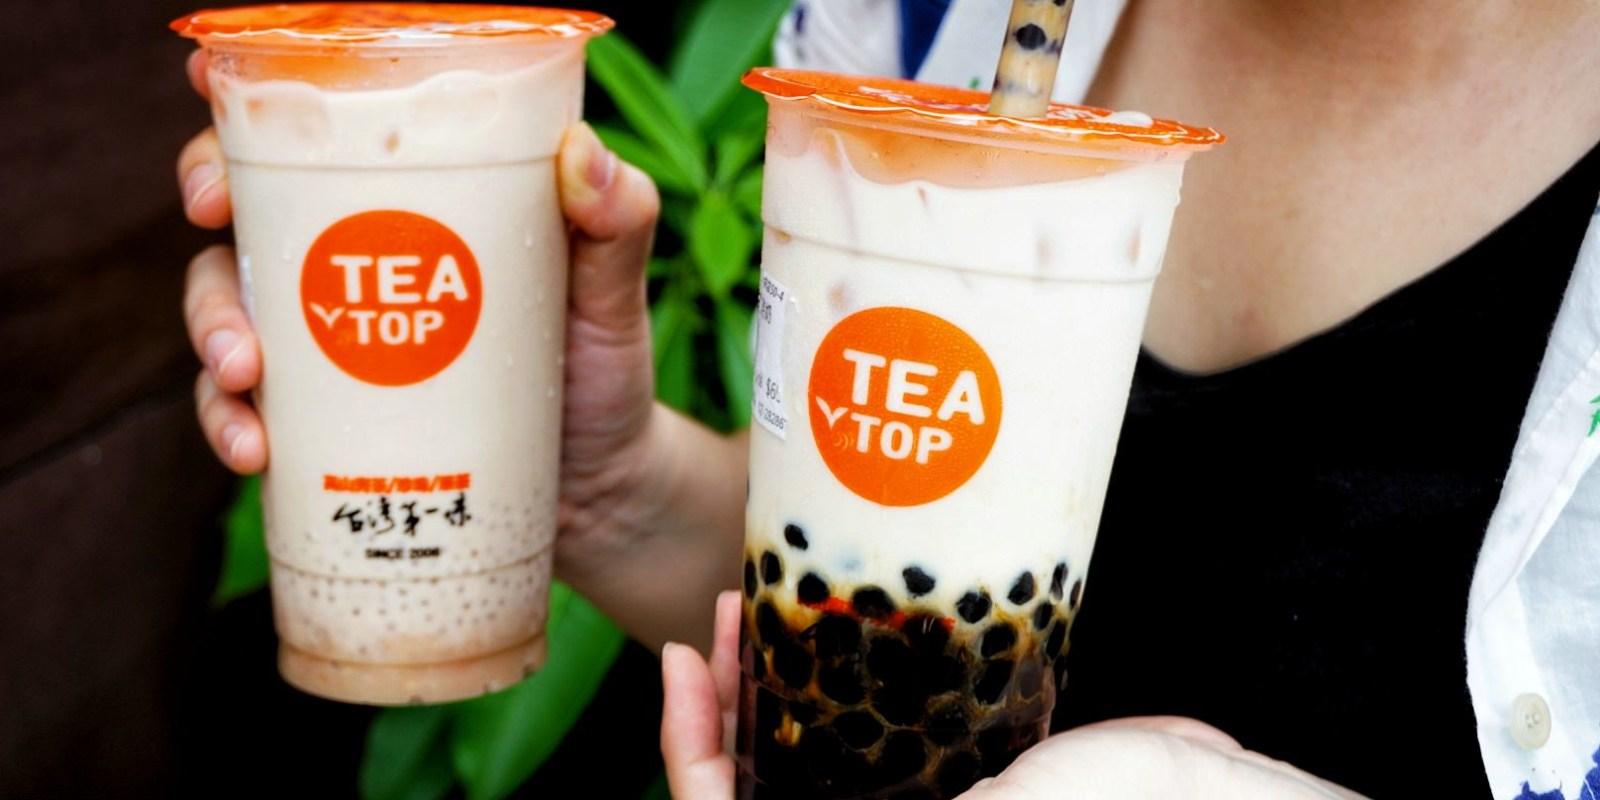 """【台北北投美食】Tea Top 石牌店    喝茶最高品質""""一條龍手搖飲品""""熟成果香紅茶"""